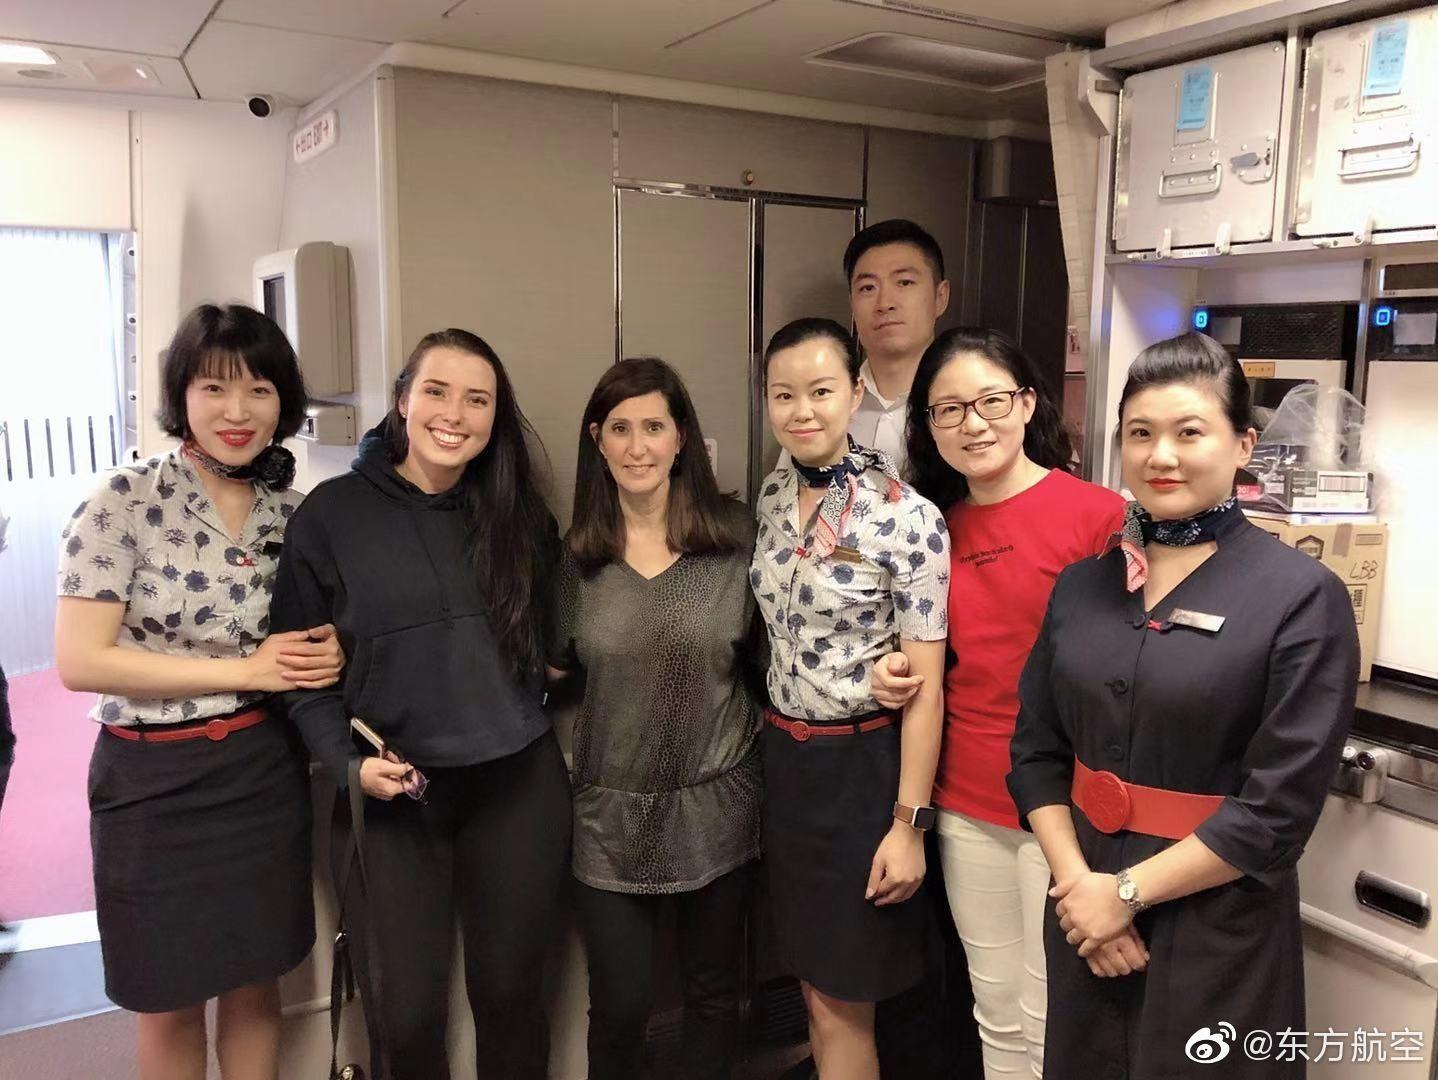 东航表示,今日MU587航班上,机上共有3位医生参与救治,1位中国籍,2位美国籍。东航对施以援手的医生朋友表示无比感谢!